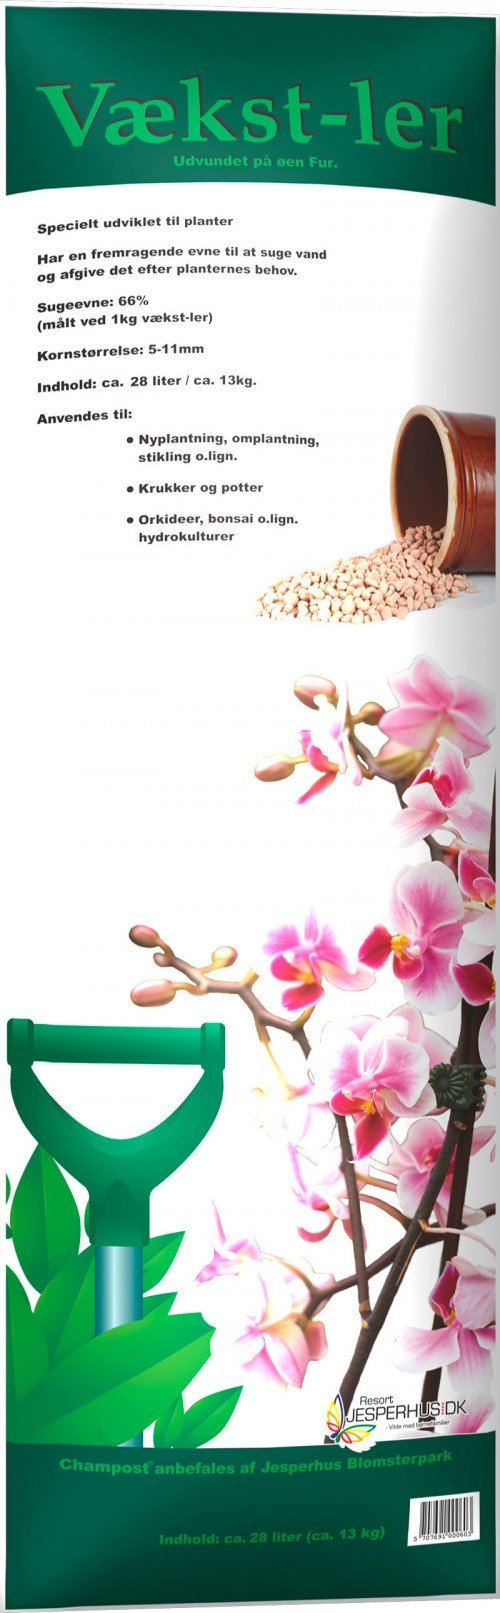 Champost Vækst-ler 5-11 mm. 10-28 liter